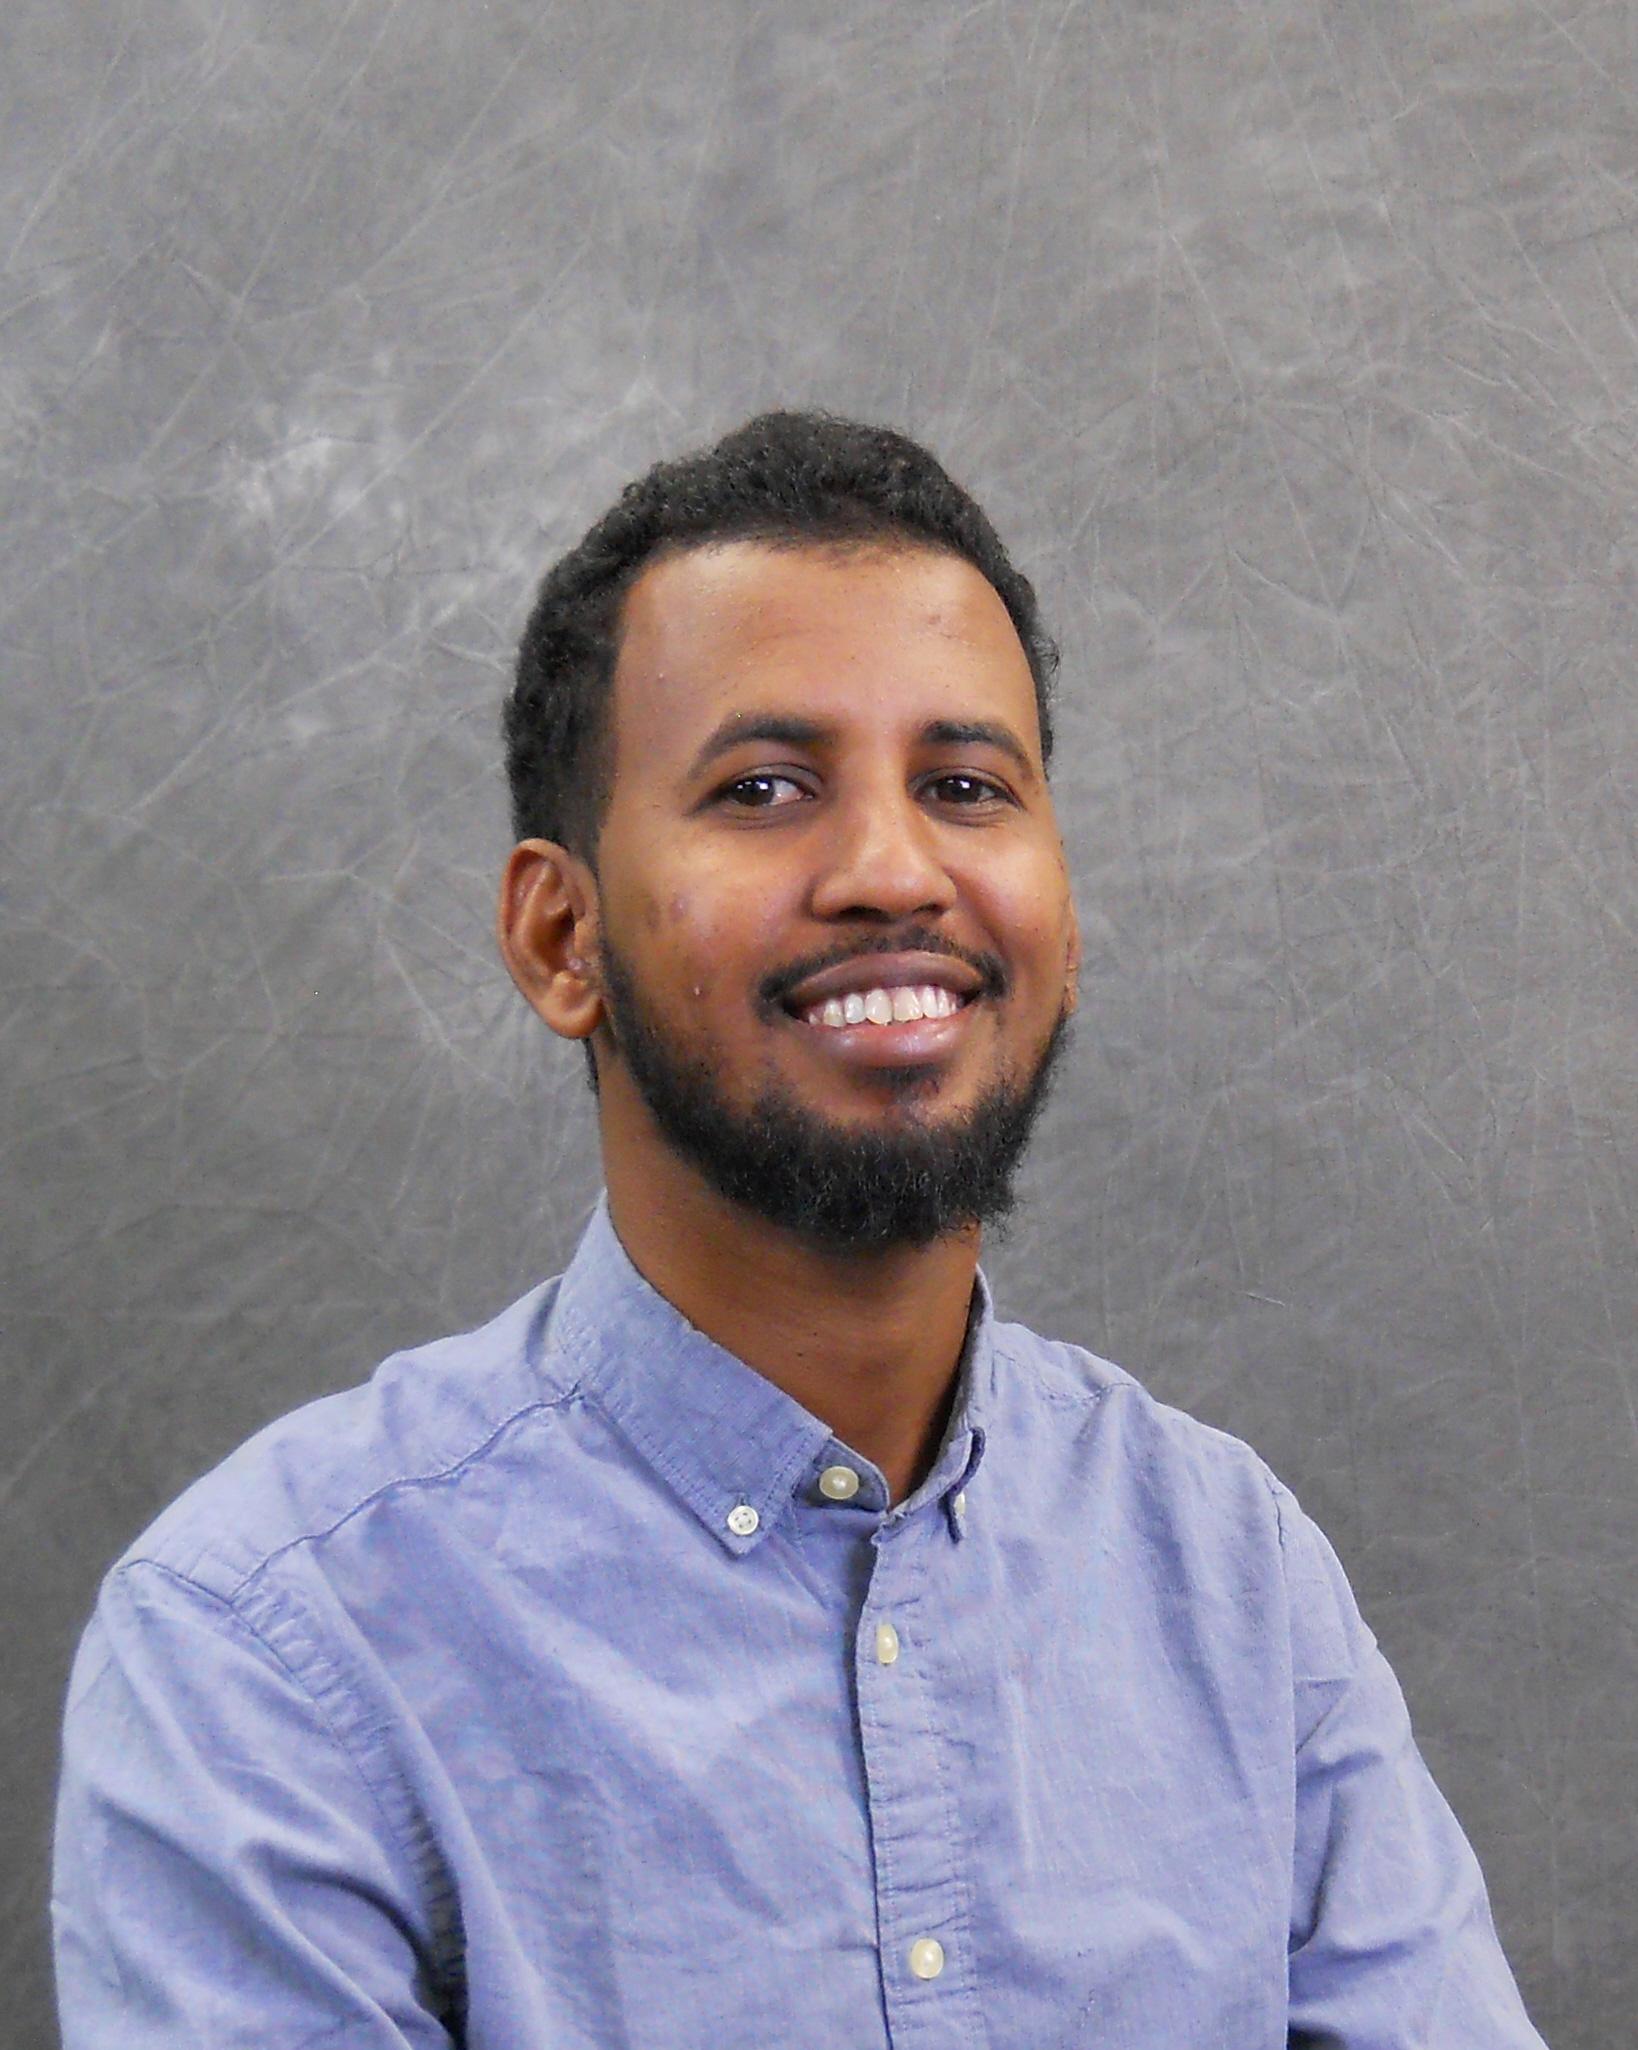 photo of ABDULLE FAISAL